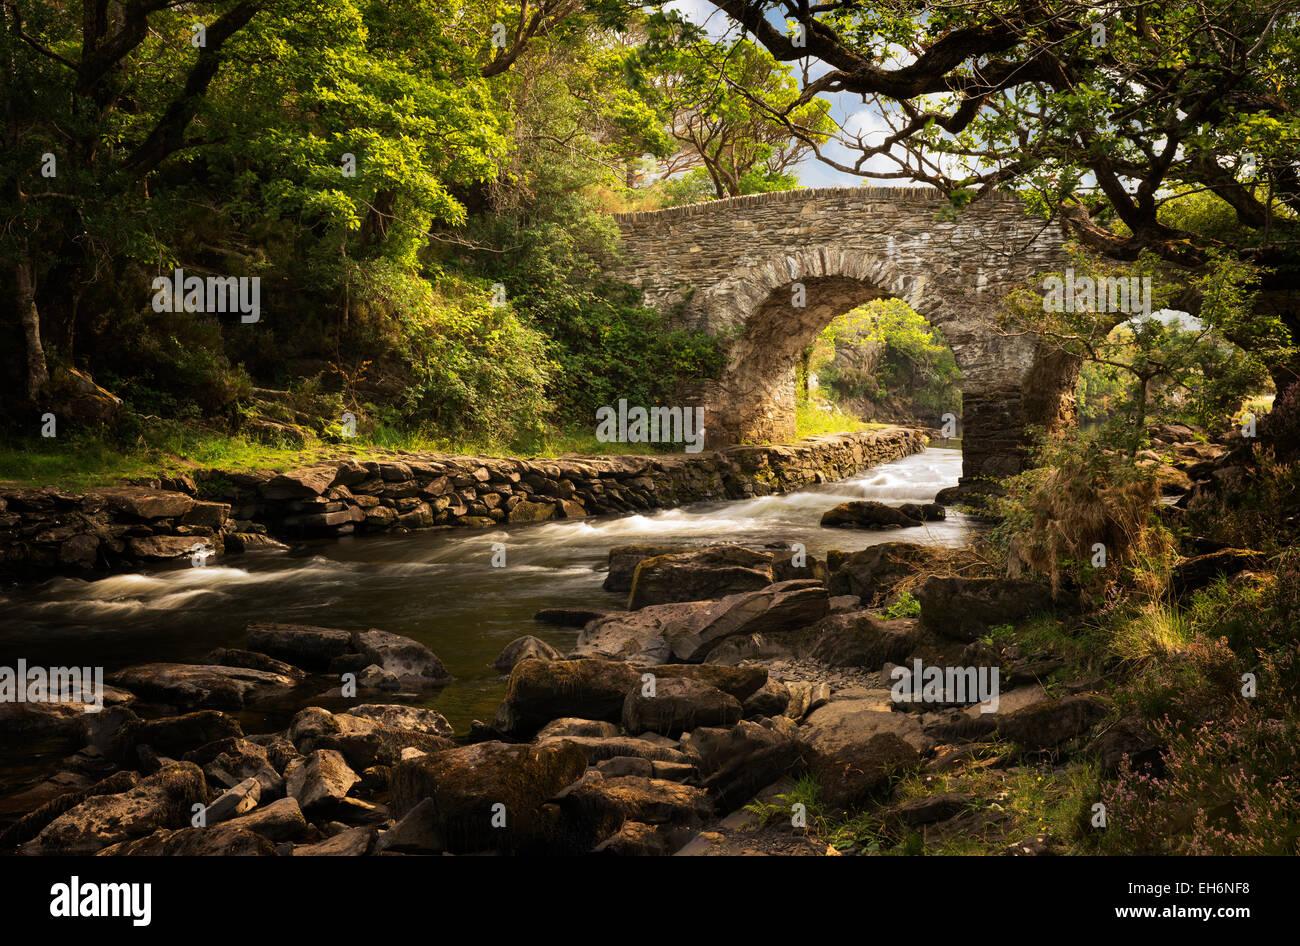 Il vecchio ponte di stramazzo. Kilanrney laghi, Gap di Dunloe. Parco Nazionale di Killarney, Irlanda Immagini Stock